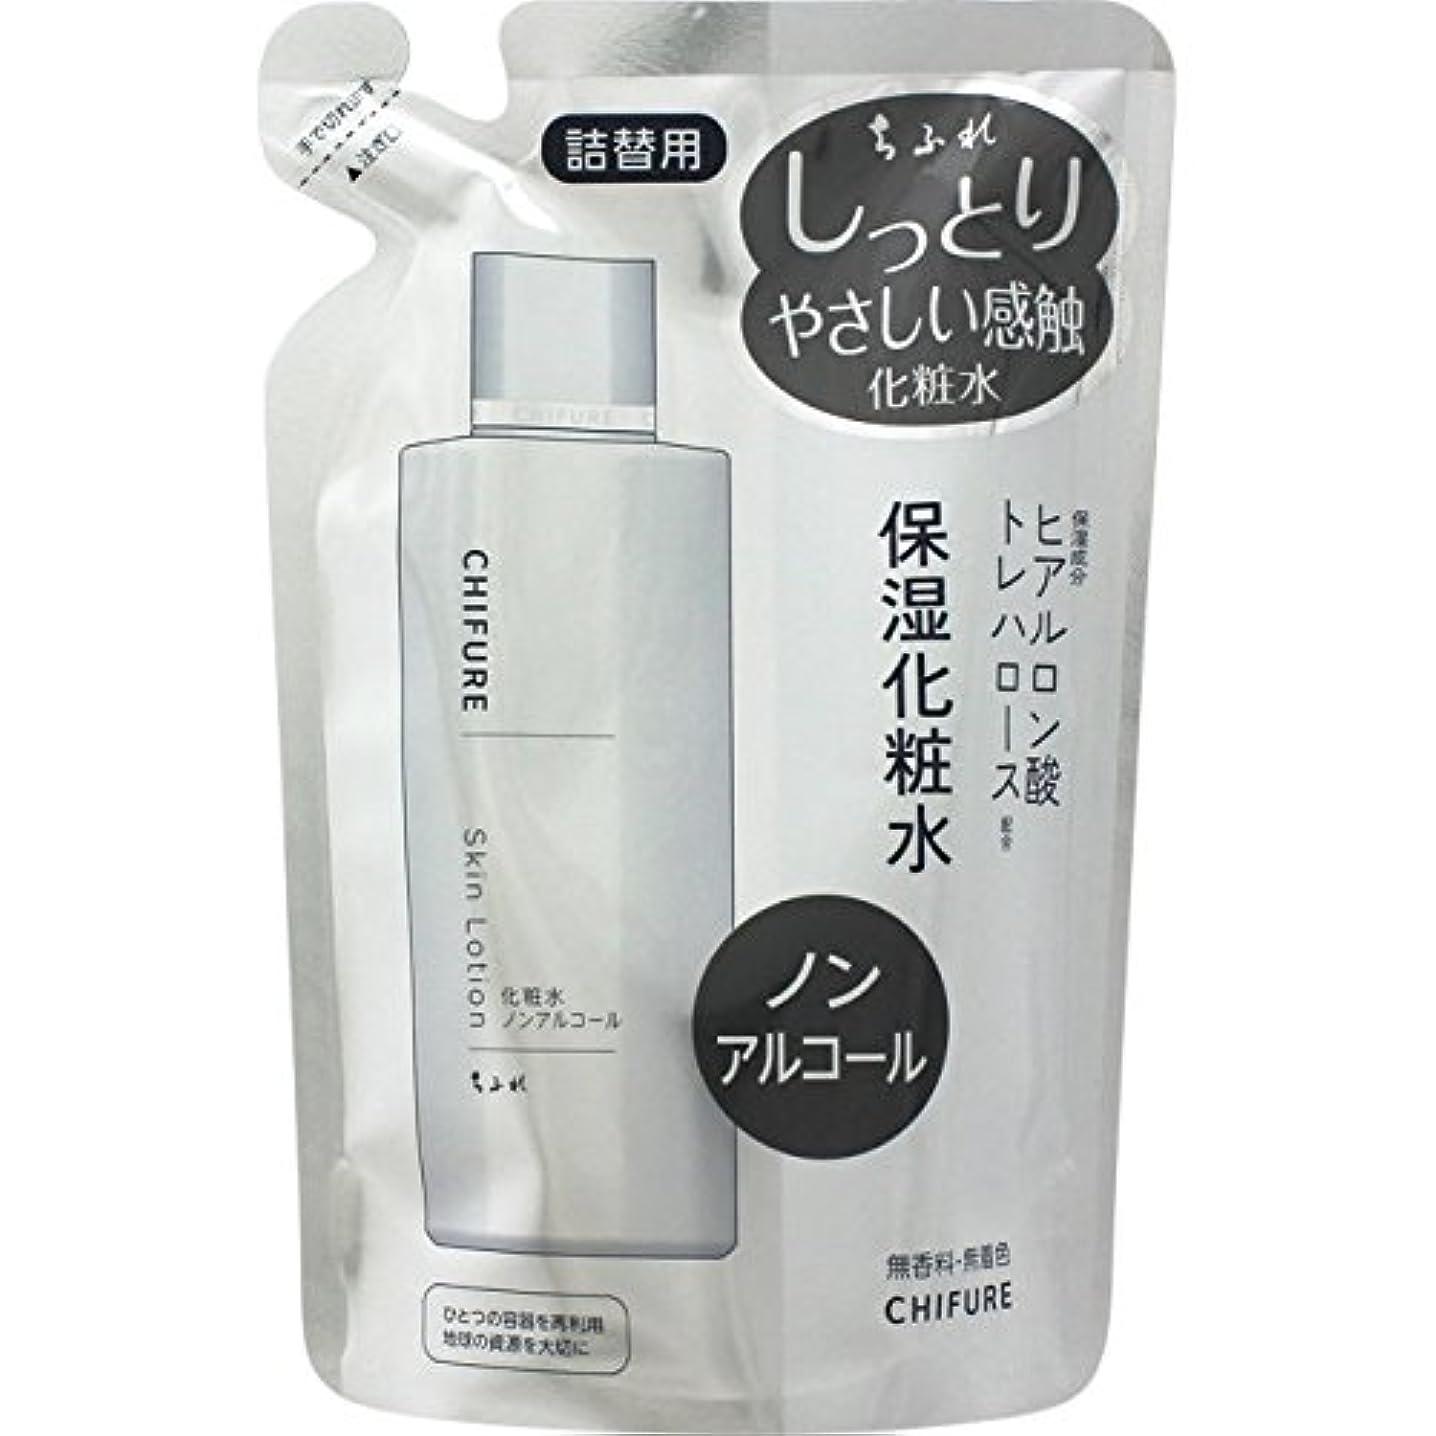 典型的な足深いちふれ化粧品 化粧水Nノンアルコールタイプ詰替用 150ml 150ML